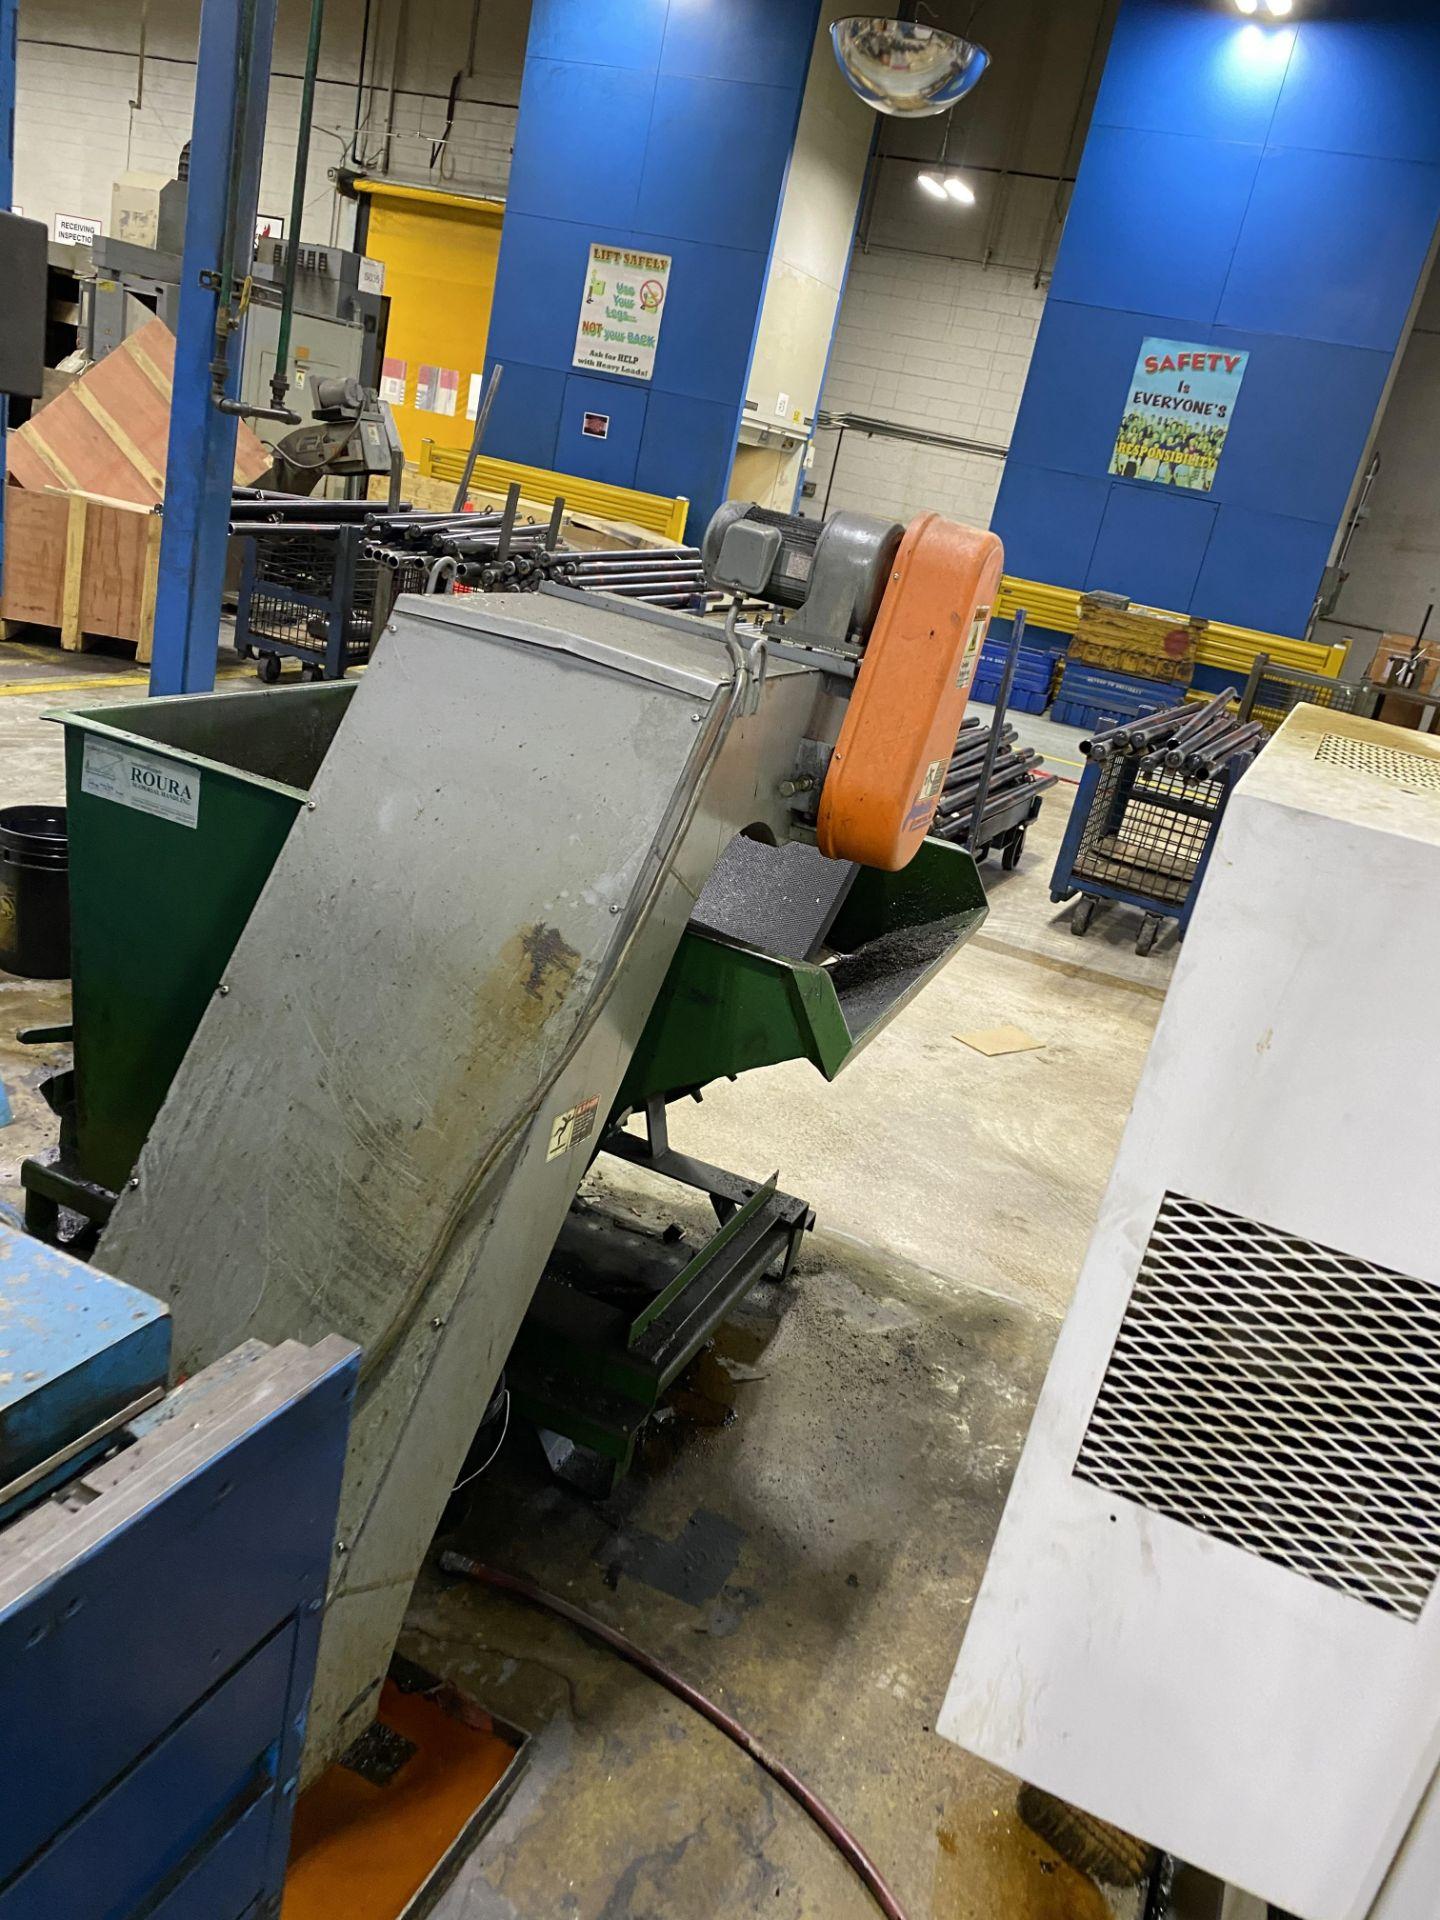 Cincinnati 24x60 Cinturn CNC Lathe - Image 6 of 8